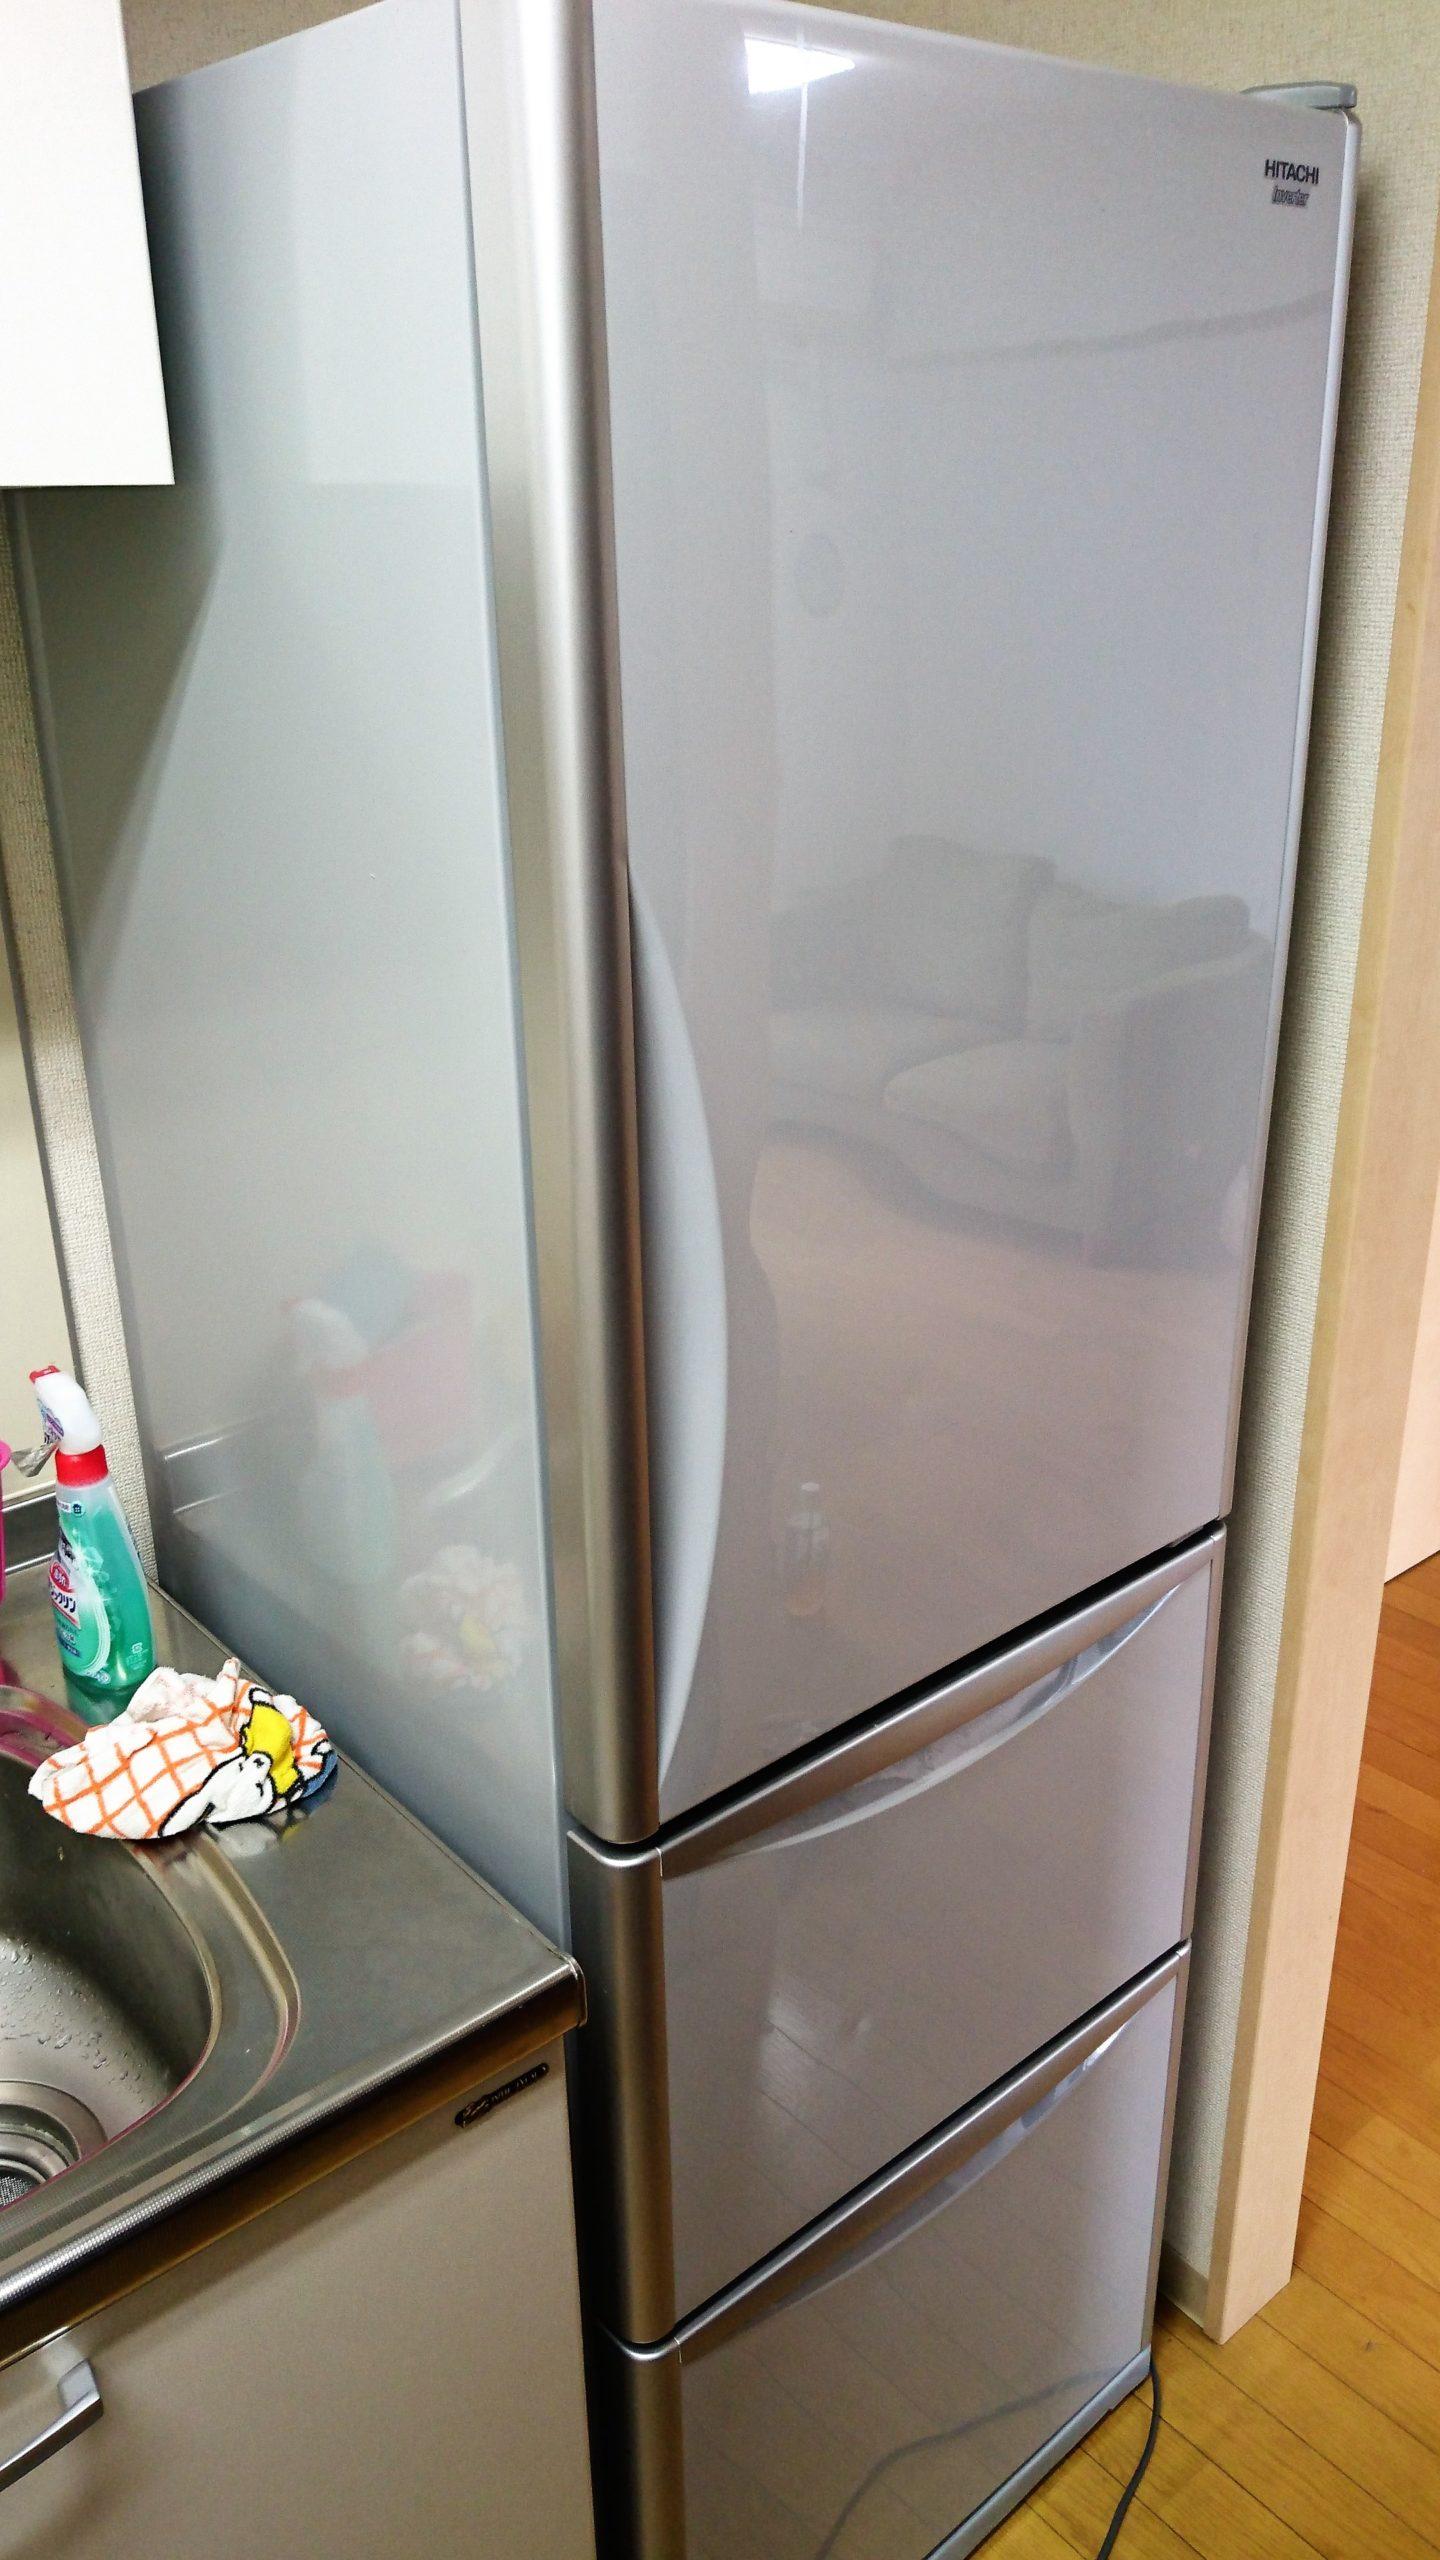 【愛知県名古屋市緑区】処分予定の大型冷蔵庫の出張買取